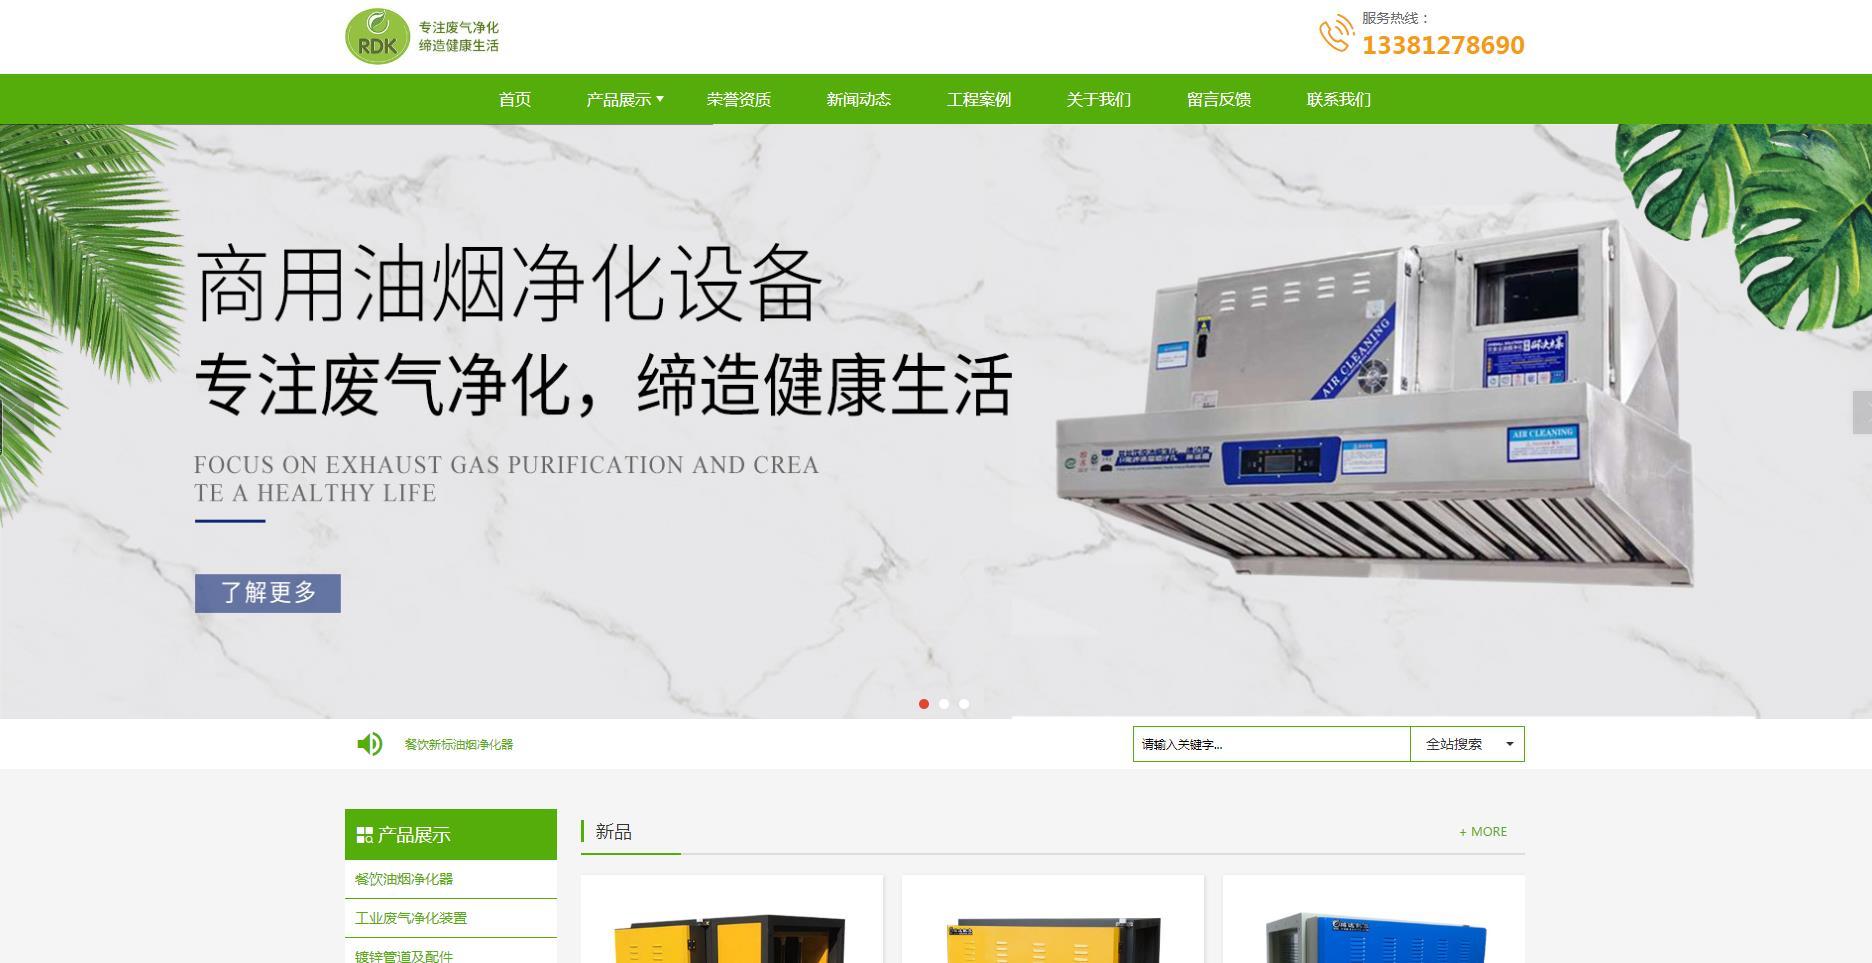 北京瑞达凯尔环保设备有限公司